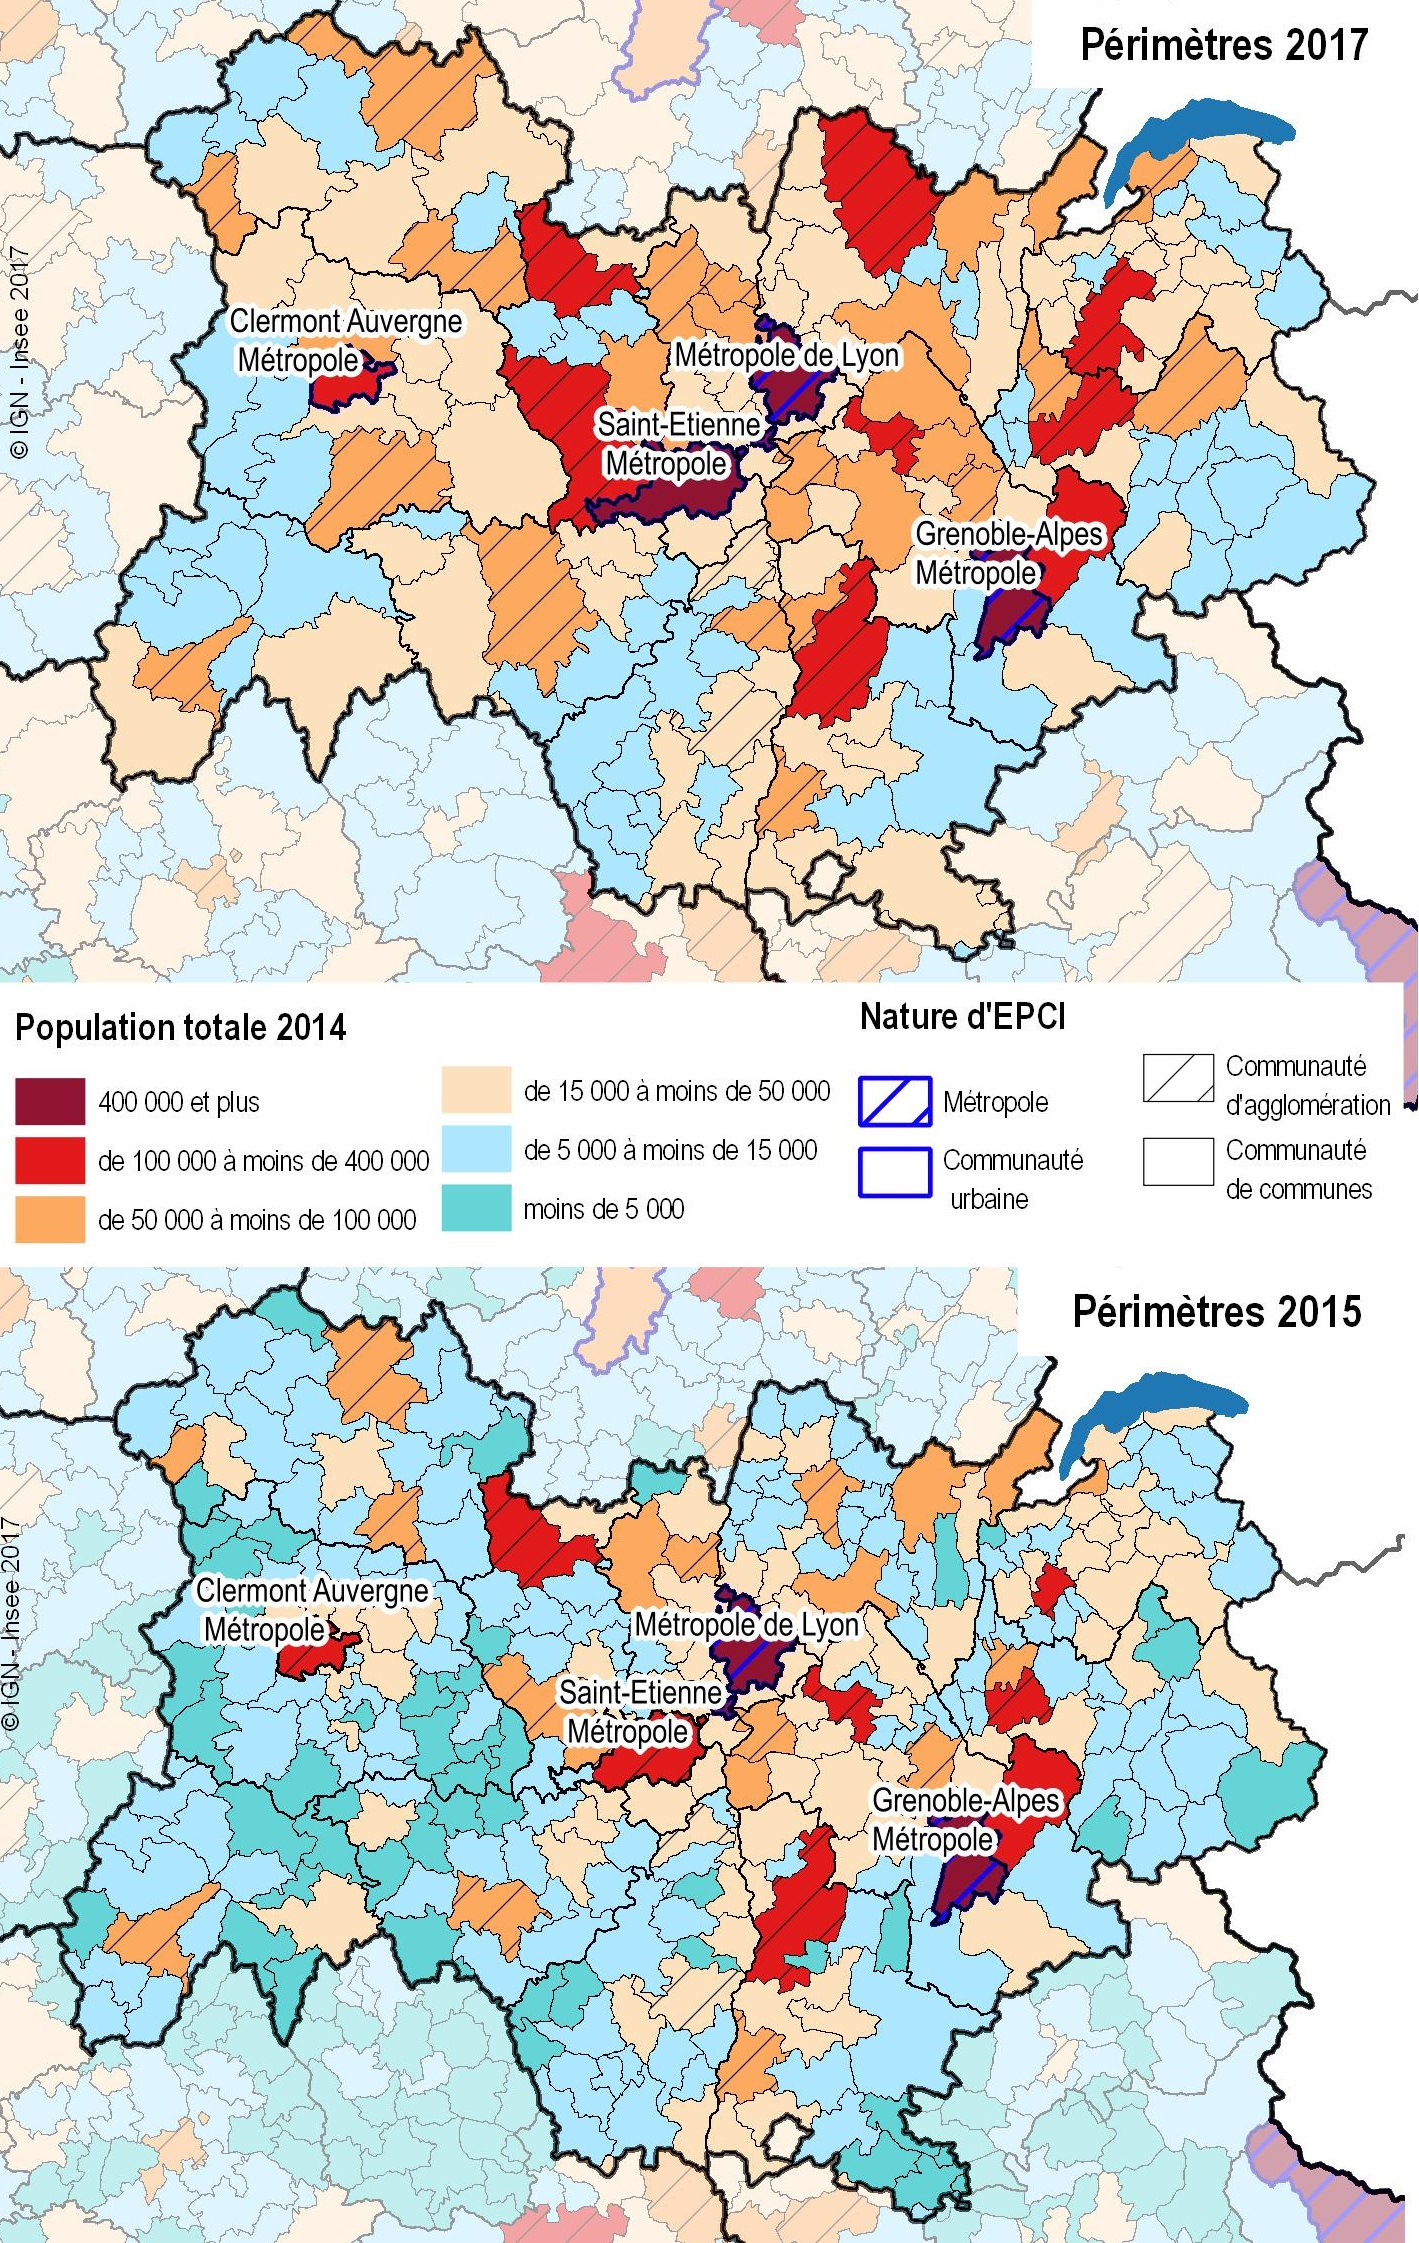 La Nouvelle Carte De L'intercommunalité En Auvergne-Rhône concernant Nouvelles Régions De France 2017